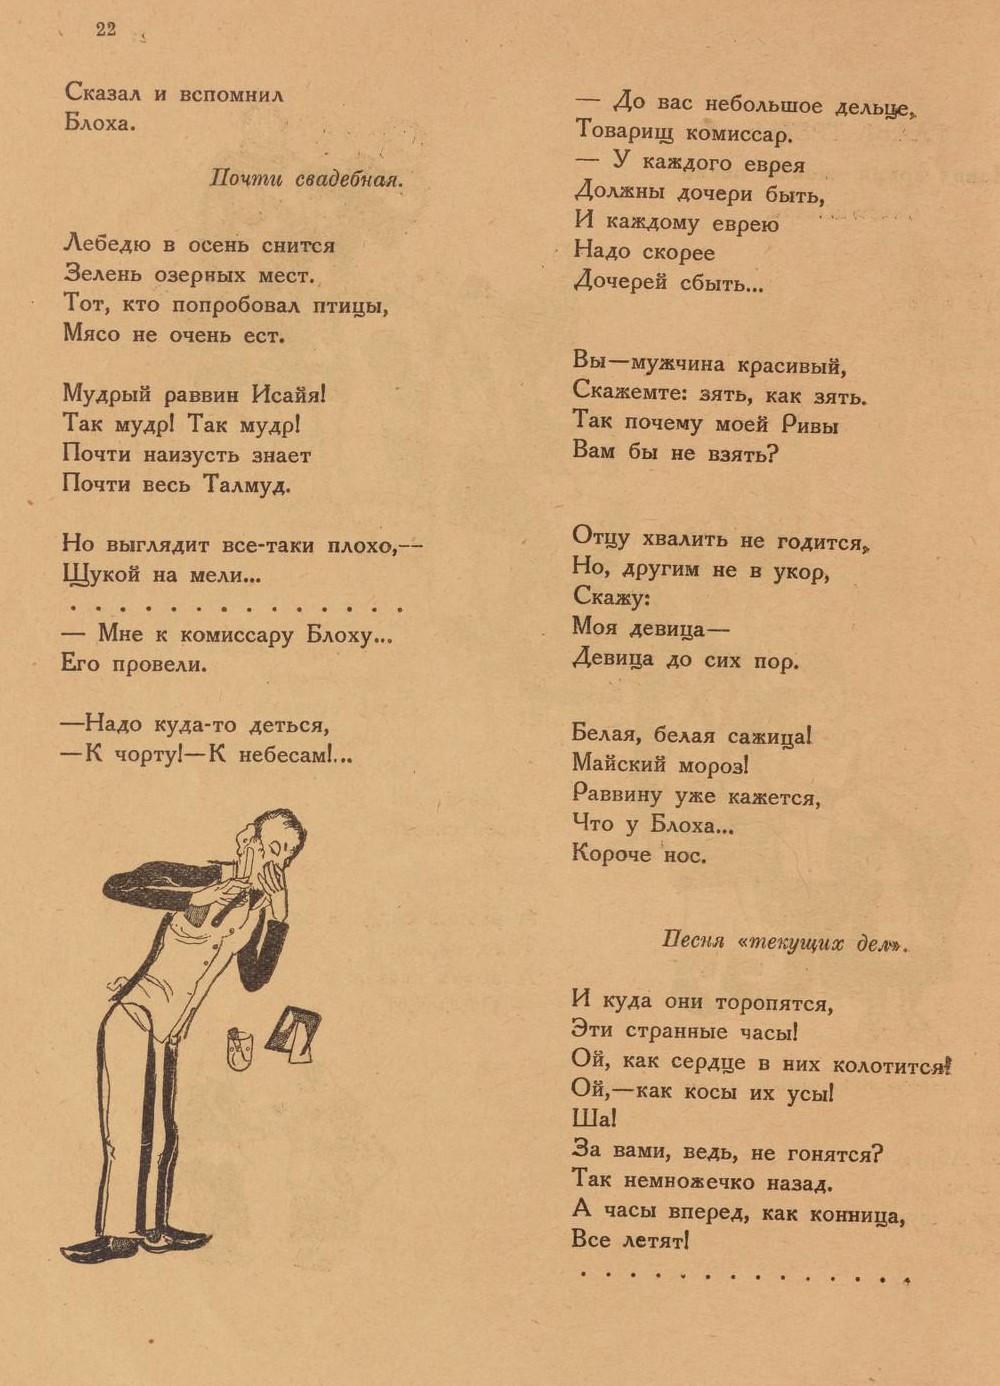 «Повесть о рыжем Мотэле, господине инспекторе, раввине Иссайе и комиссаре Блох» (1926 год) 20